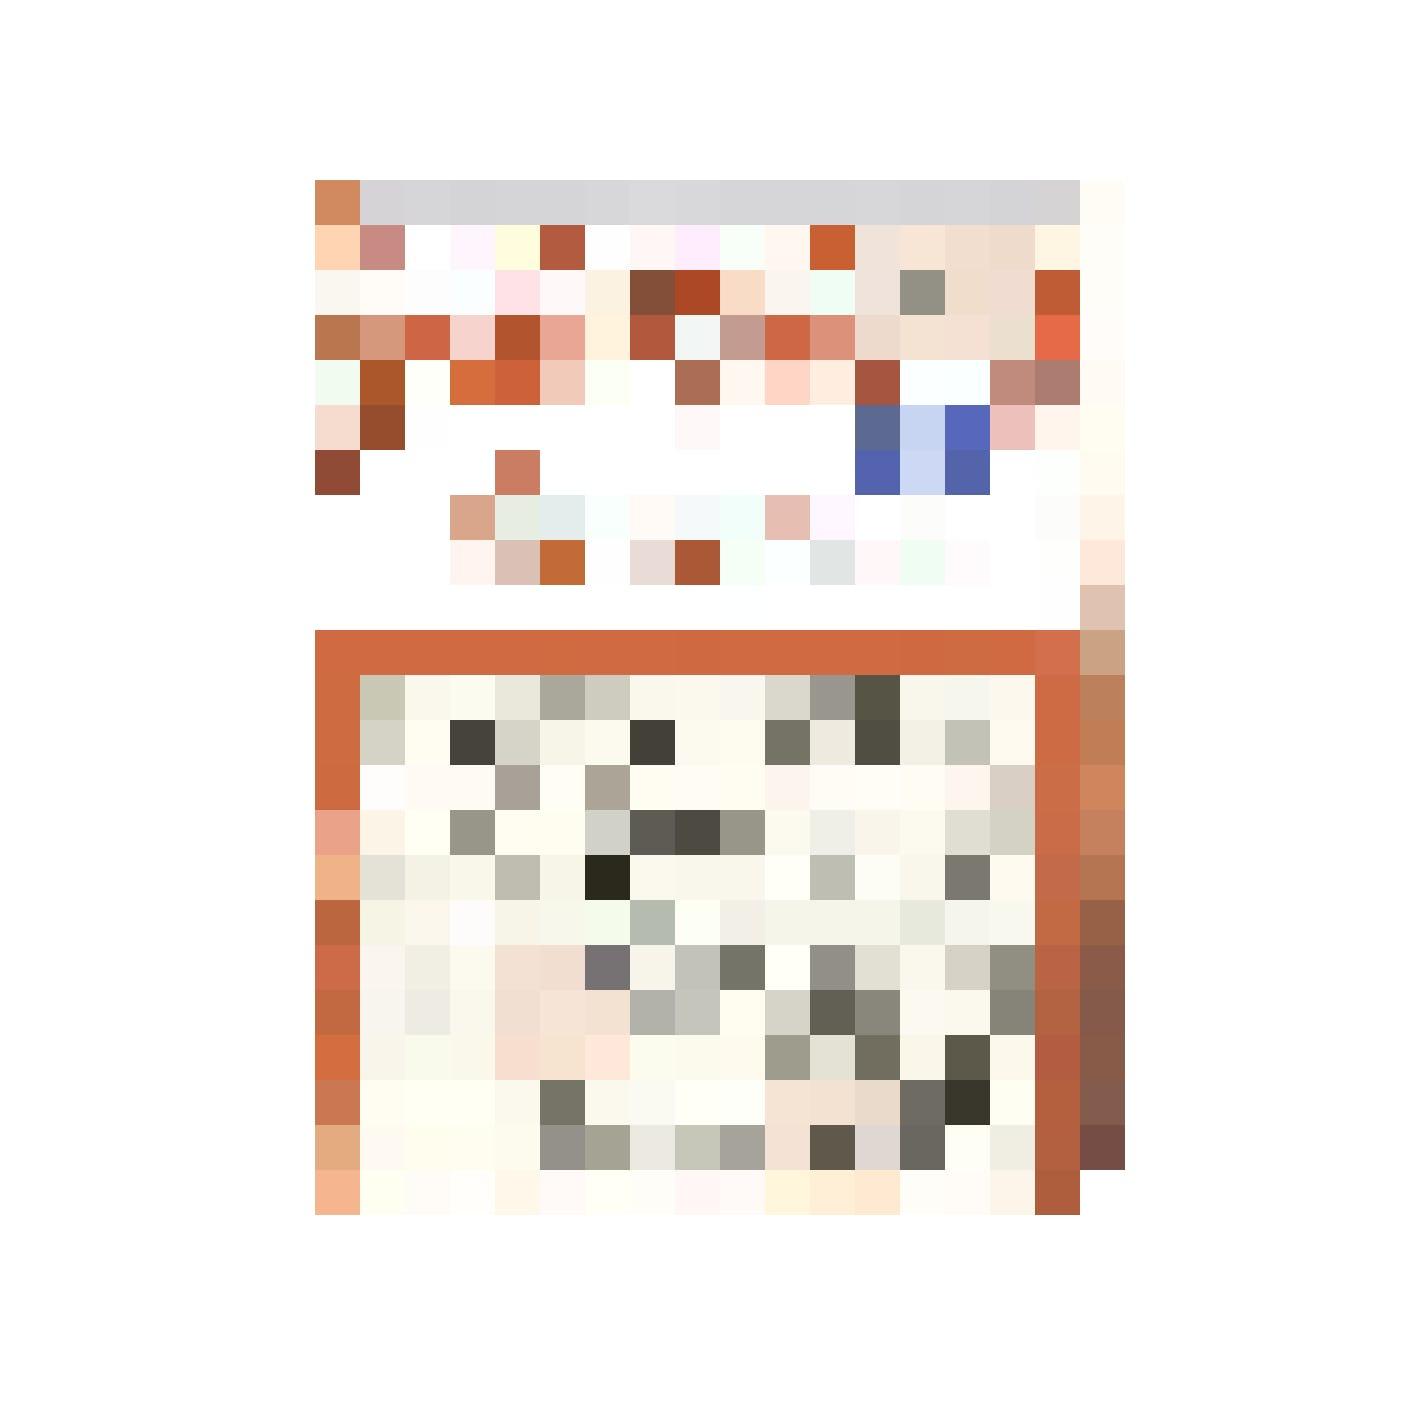 Dessin méditatif: livre de Zentangle®, 21 fr. 90, sur